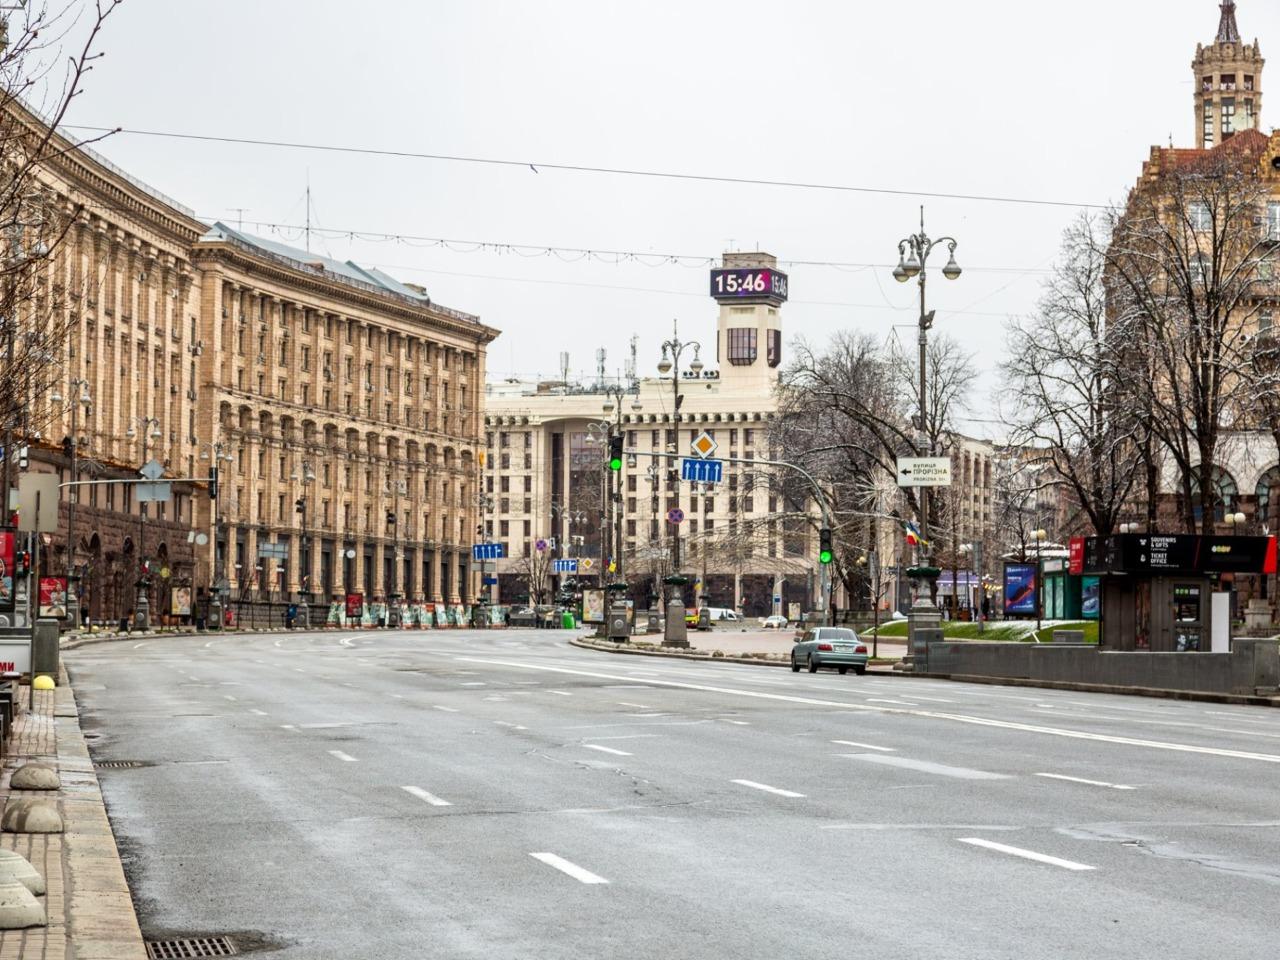 Тайны улицы Крещатик - индивидуальная экскурсия по Киеву от опытного гида